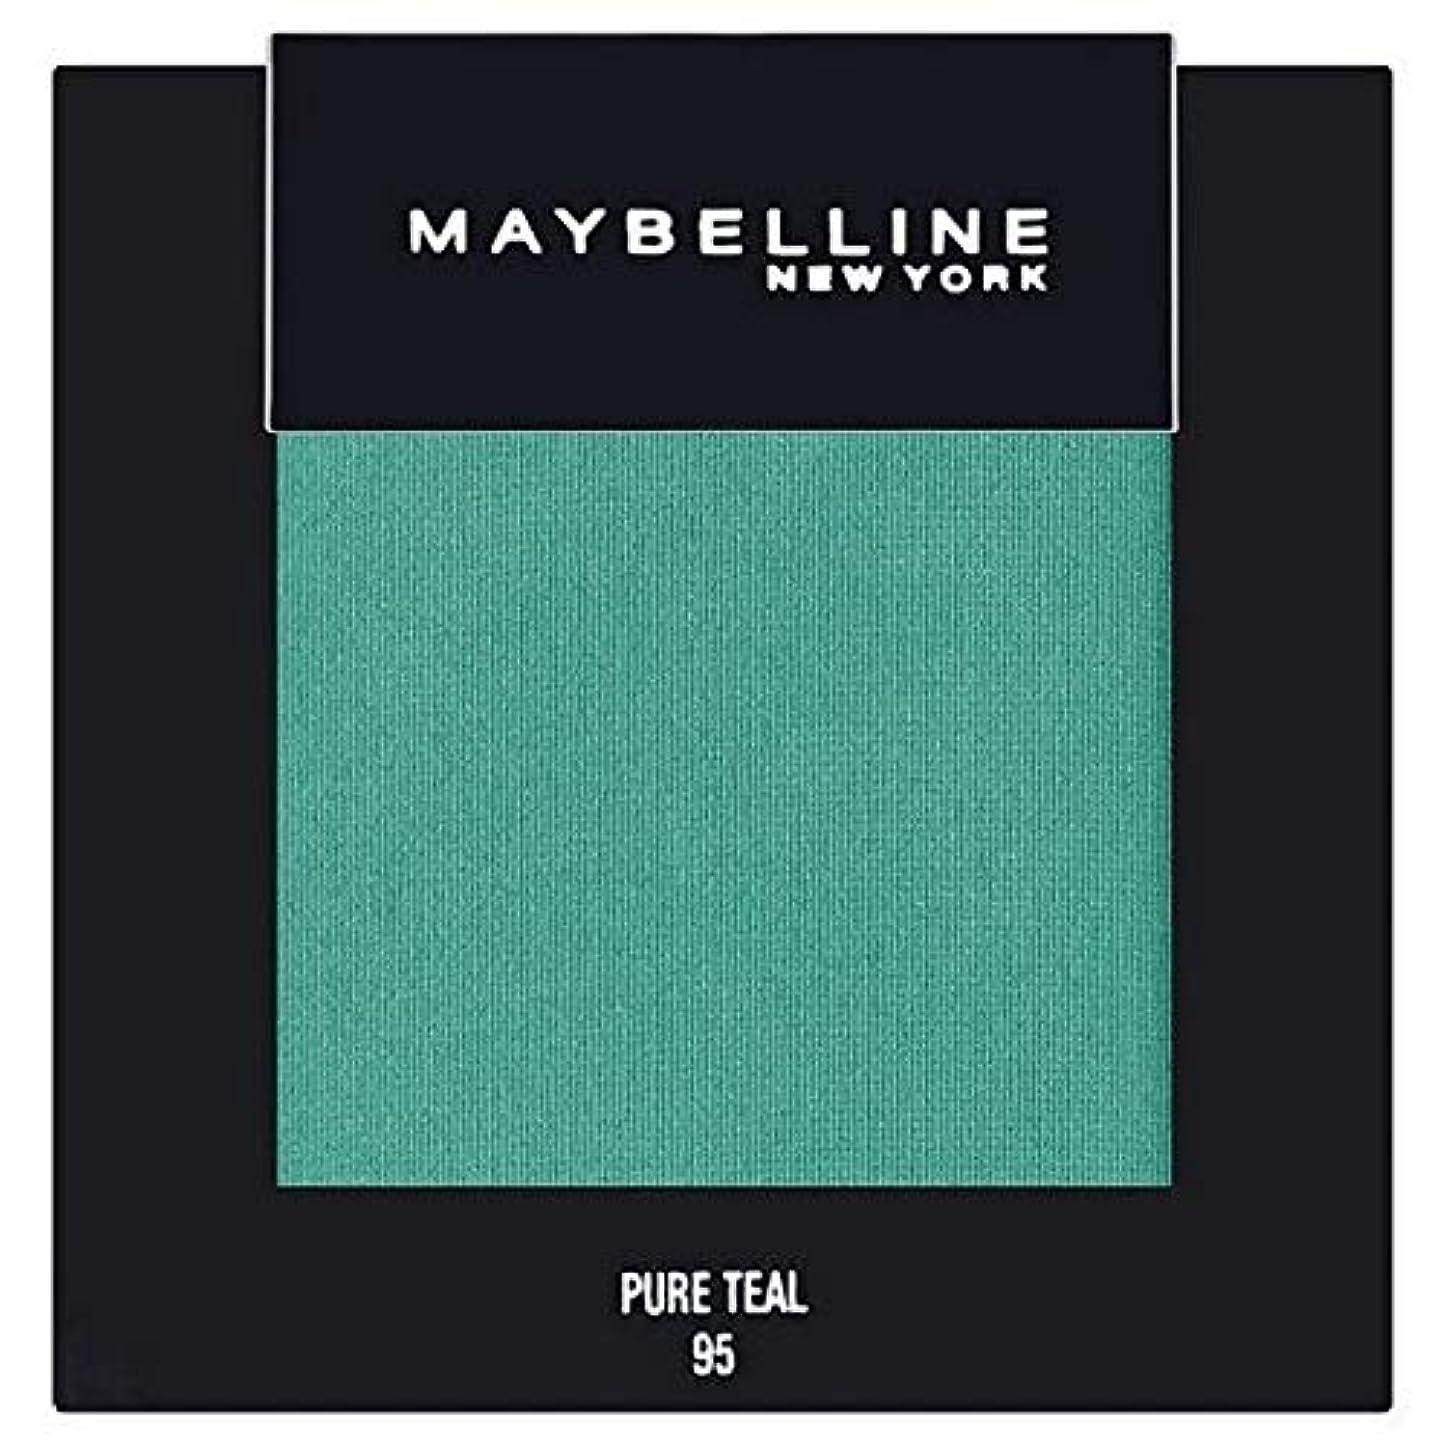 暴露マーベル利点[Maybelline ] メイベリンカラーショー単一グリーンアイシャドウ95純粋ティール - Maybelline Color Show Single Green Eyeshadow 95 Pure Teal [並行輸入品]